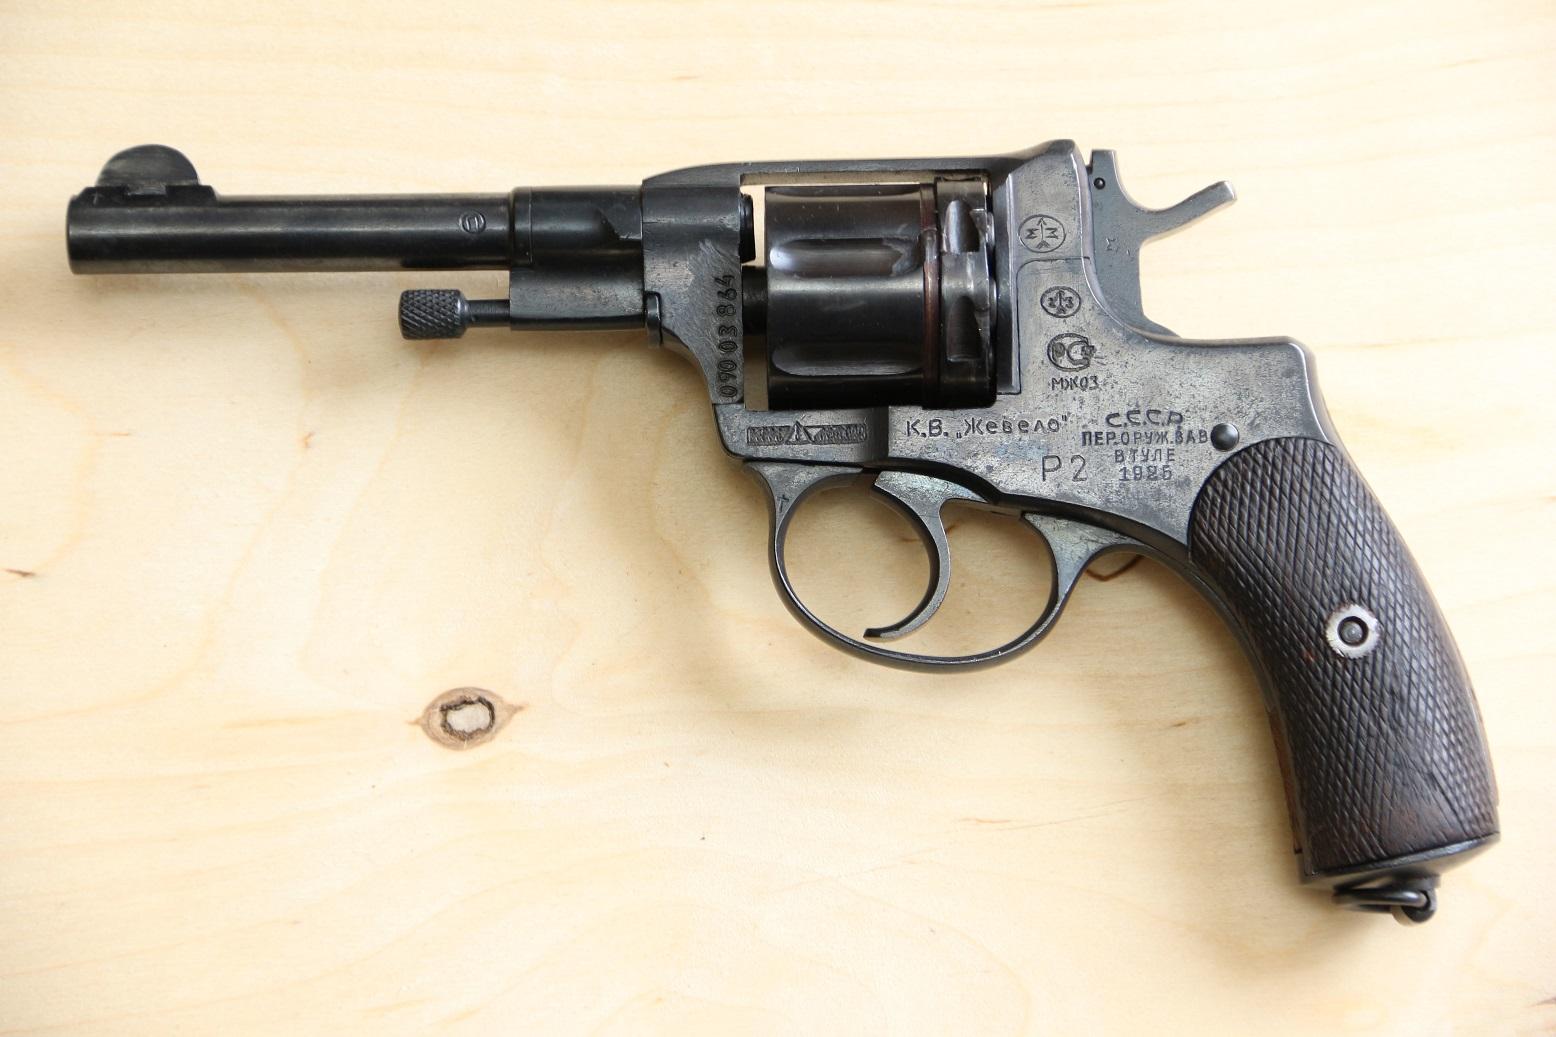 Сигнальный револьвер Наган Р-2, 1925 год, №0903864